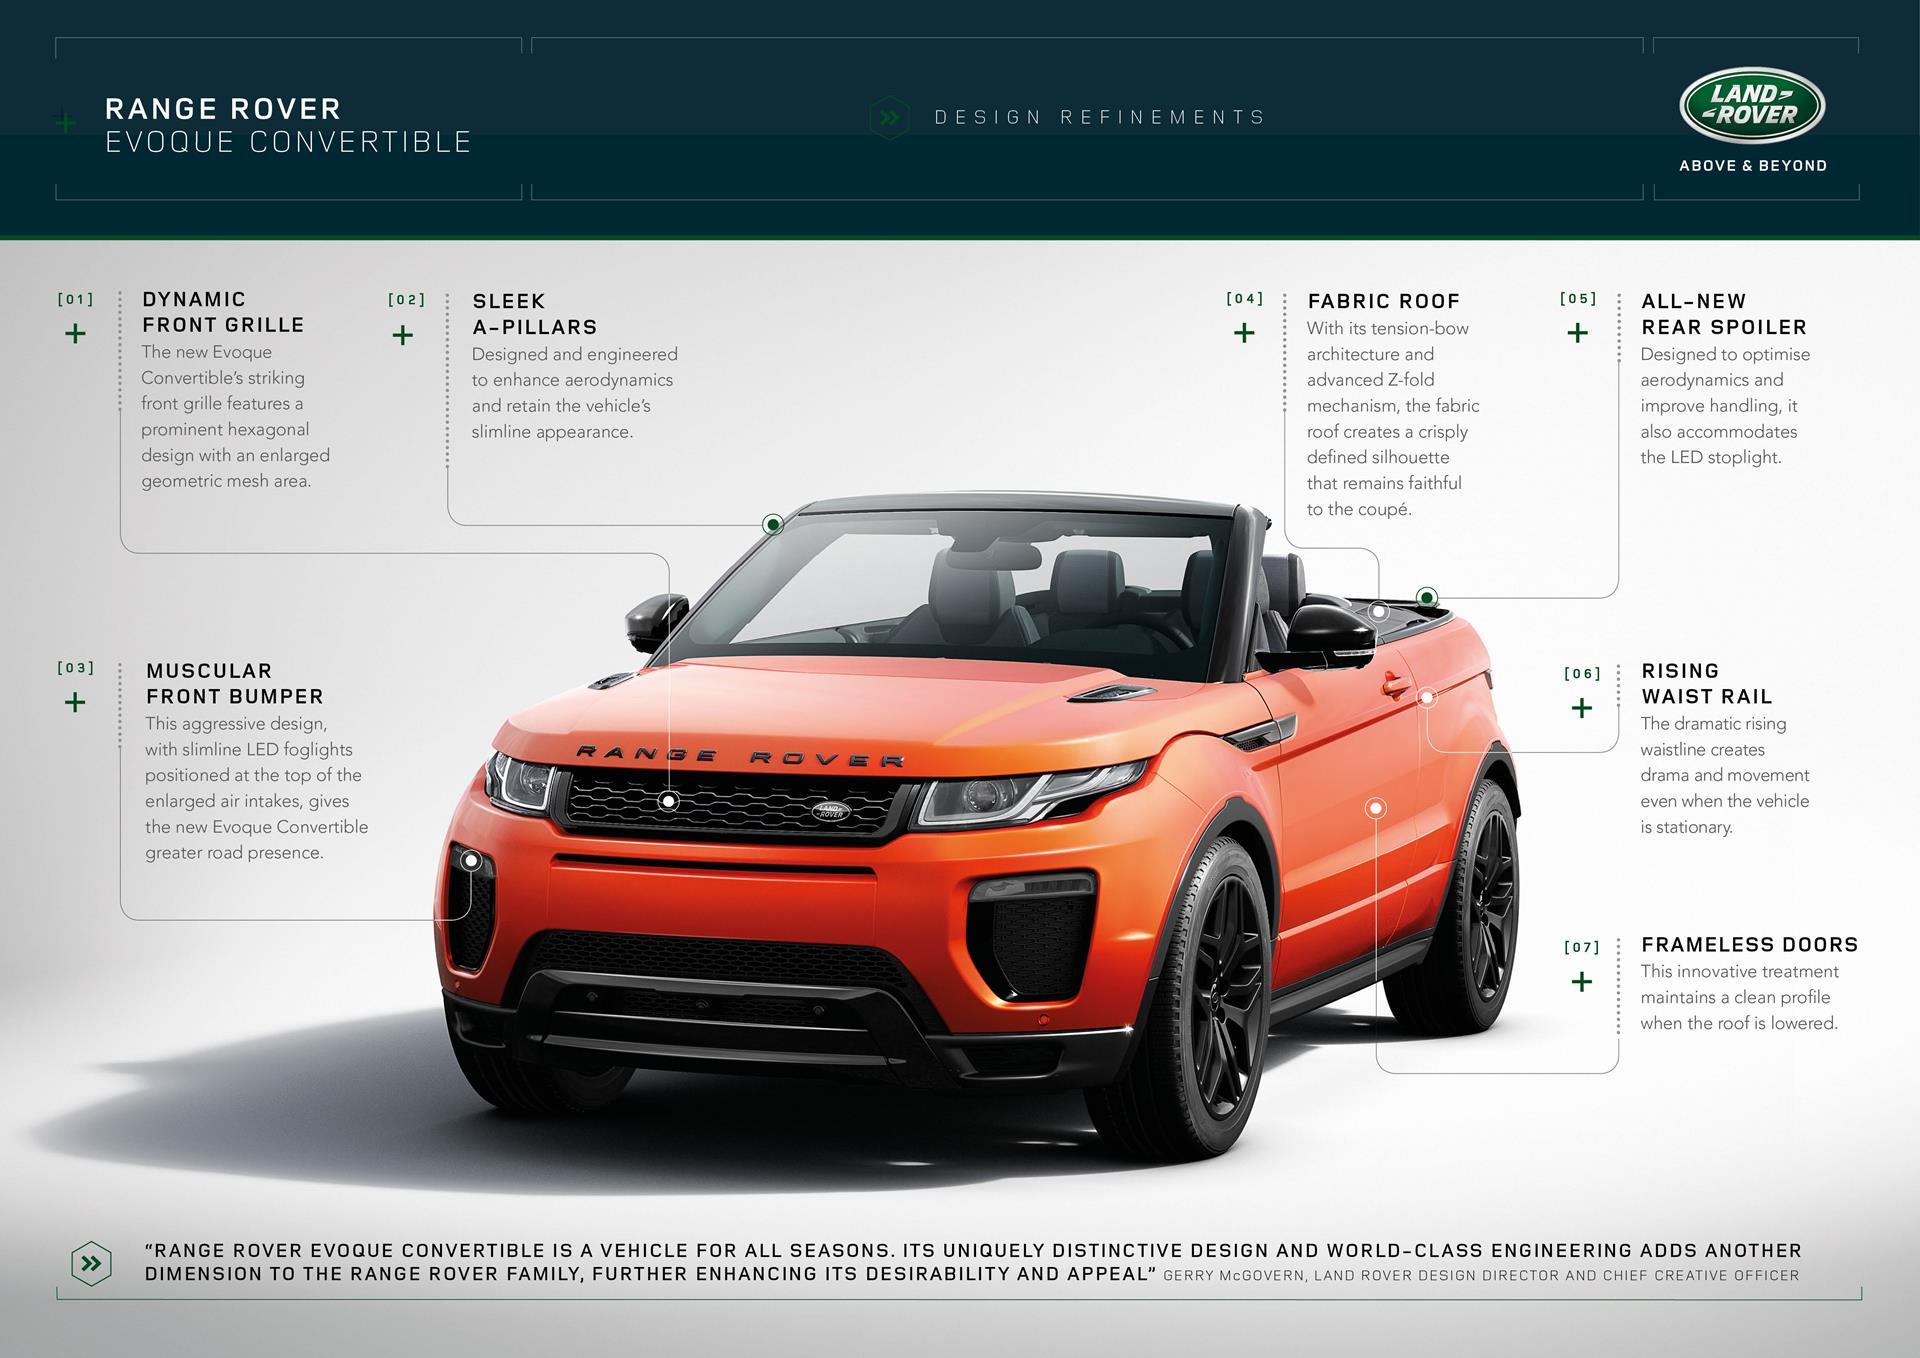 2016 Land Rover Range Rover Evoque Convertible News and ...